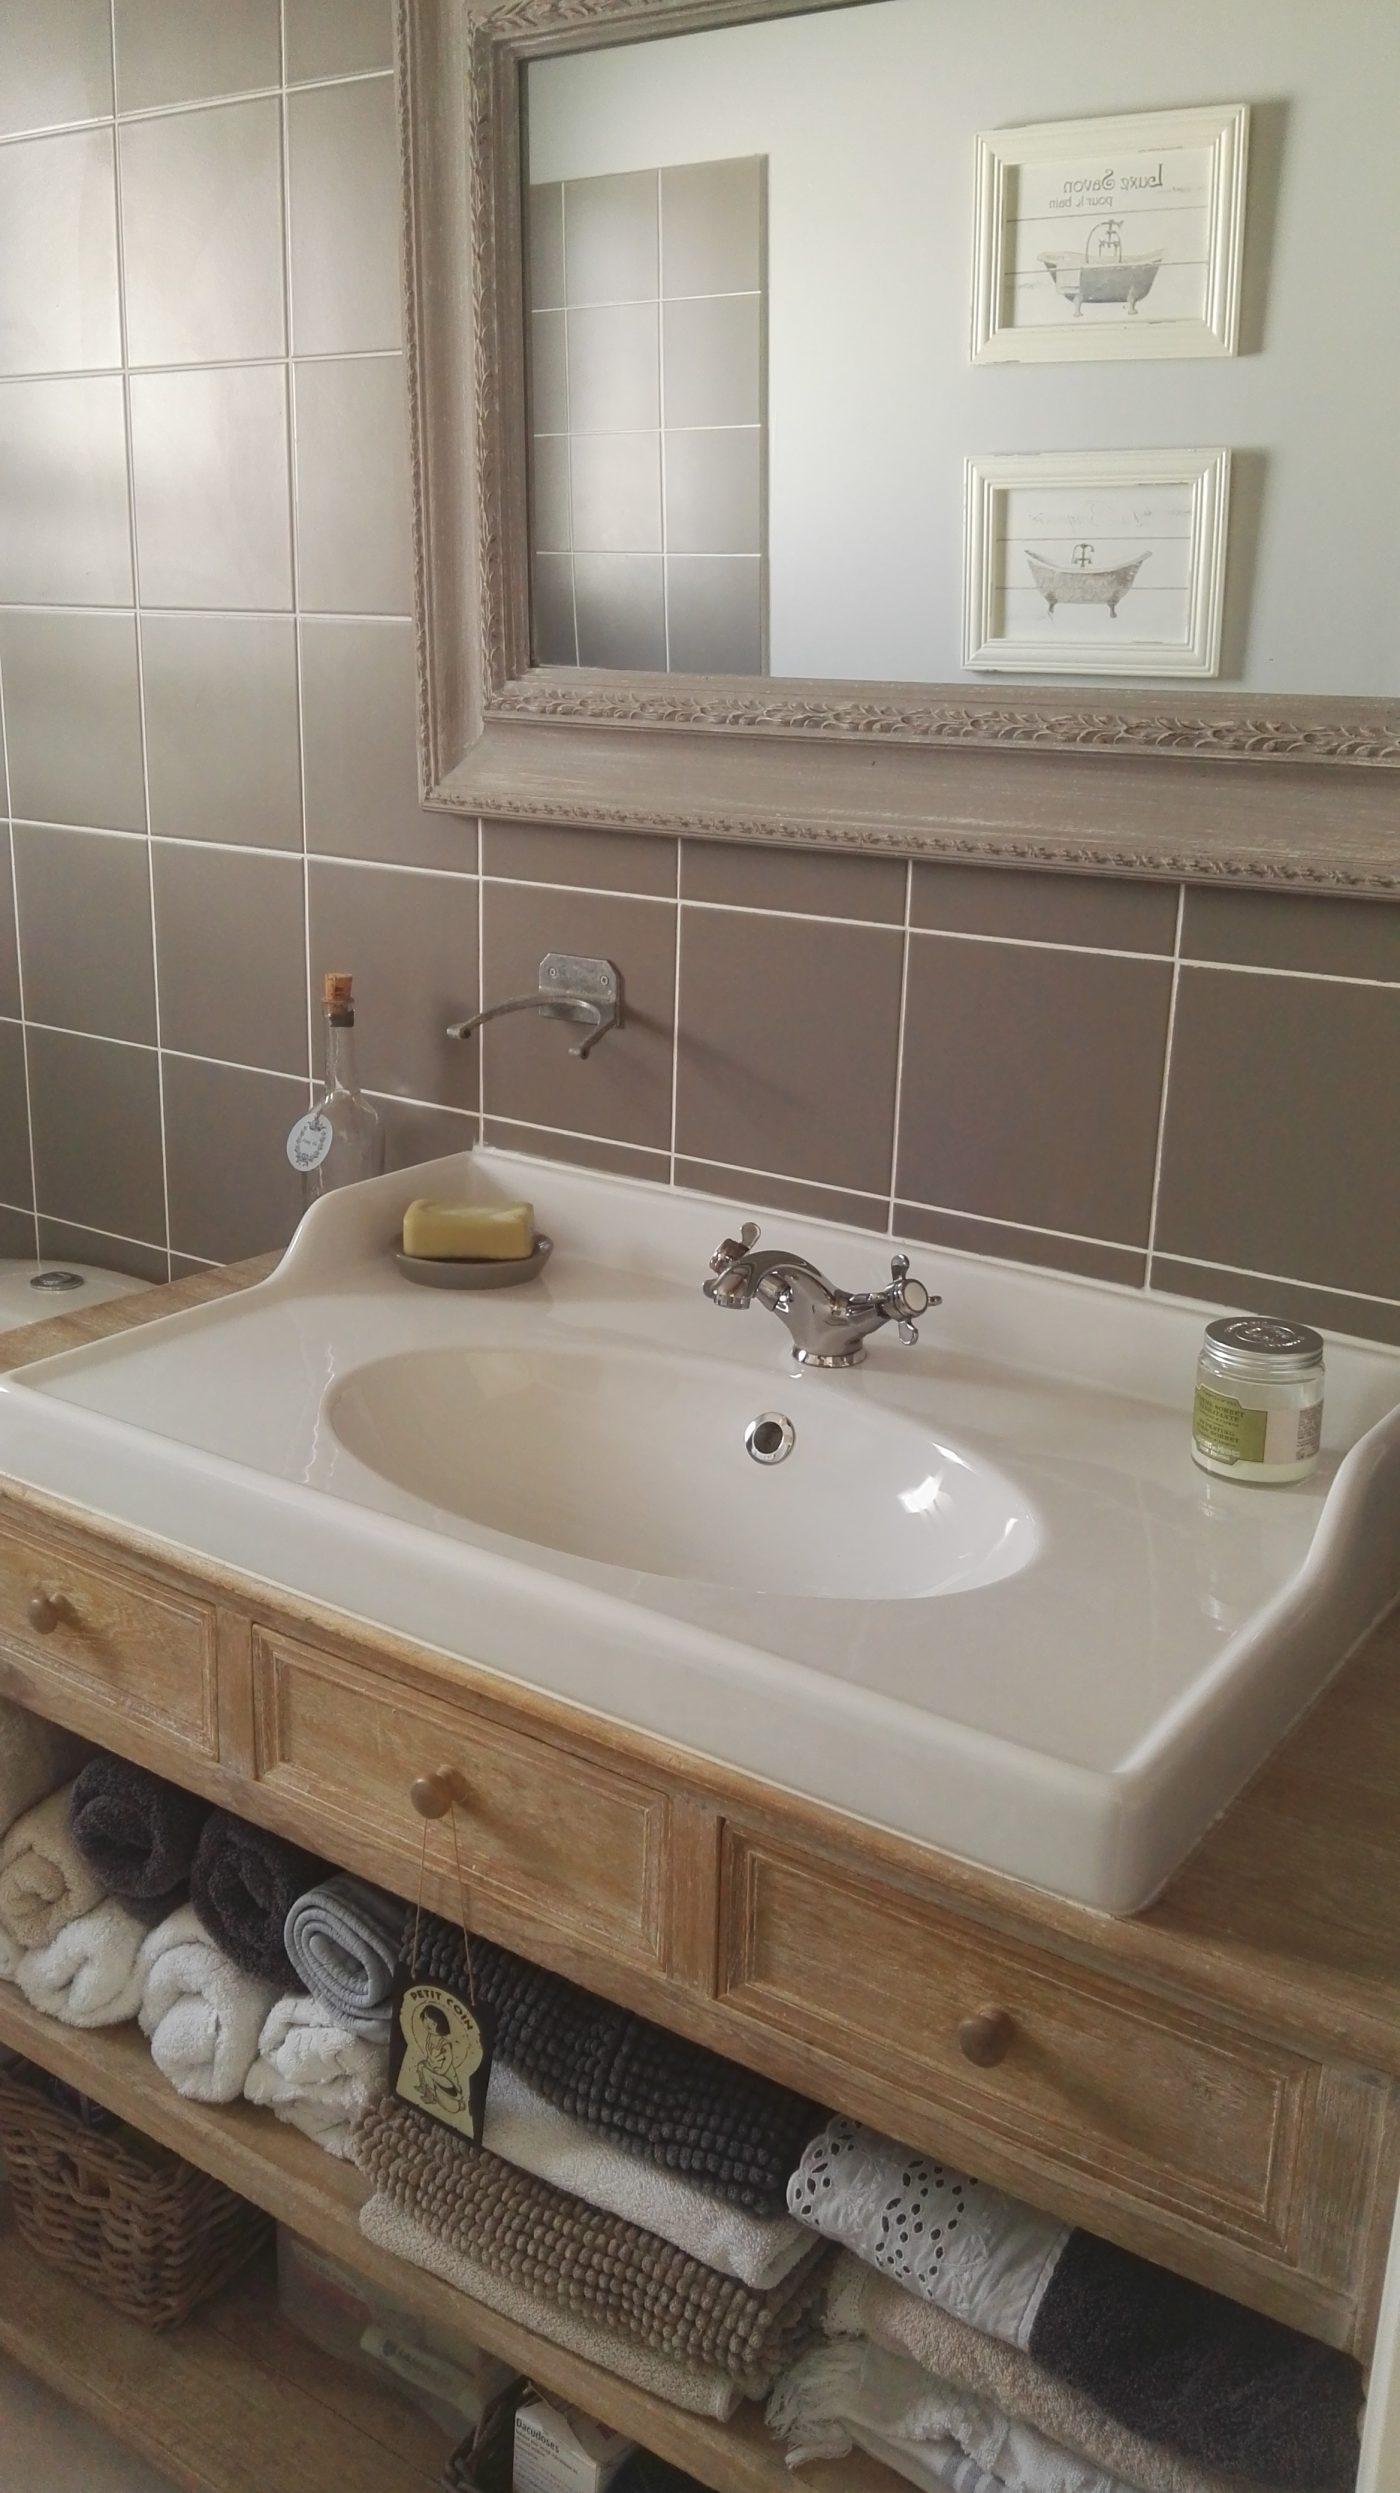 Meuble En Palette Salle De Bain console transformée en meuble de salle de bains (blog zôdio)